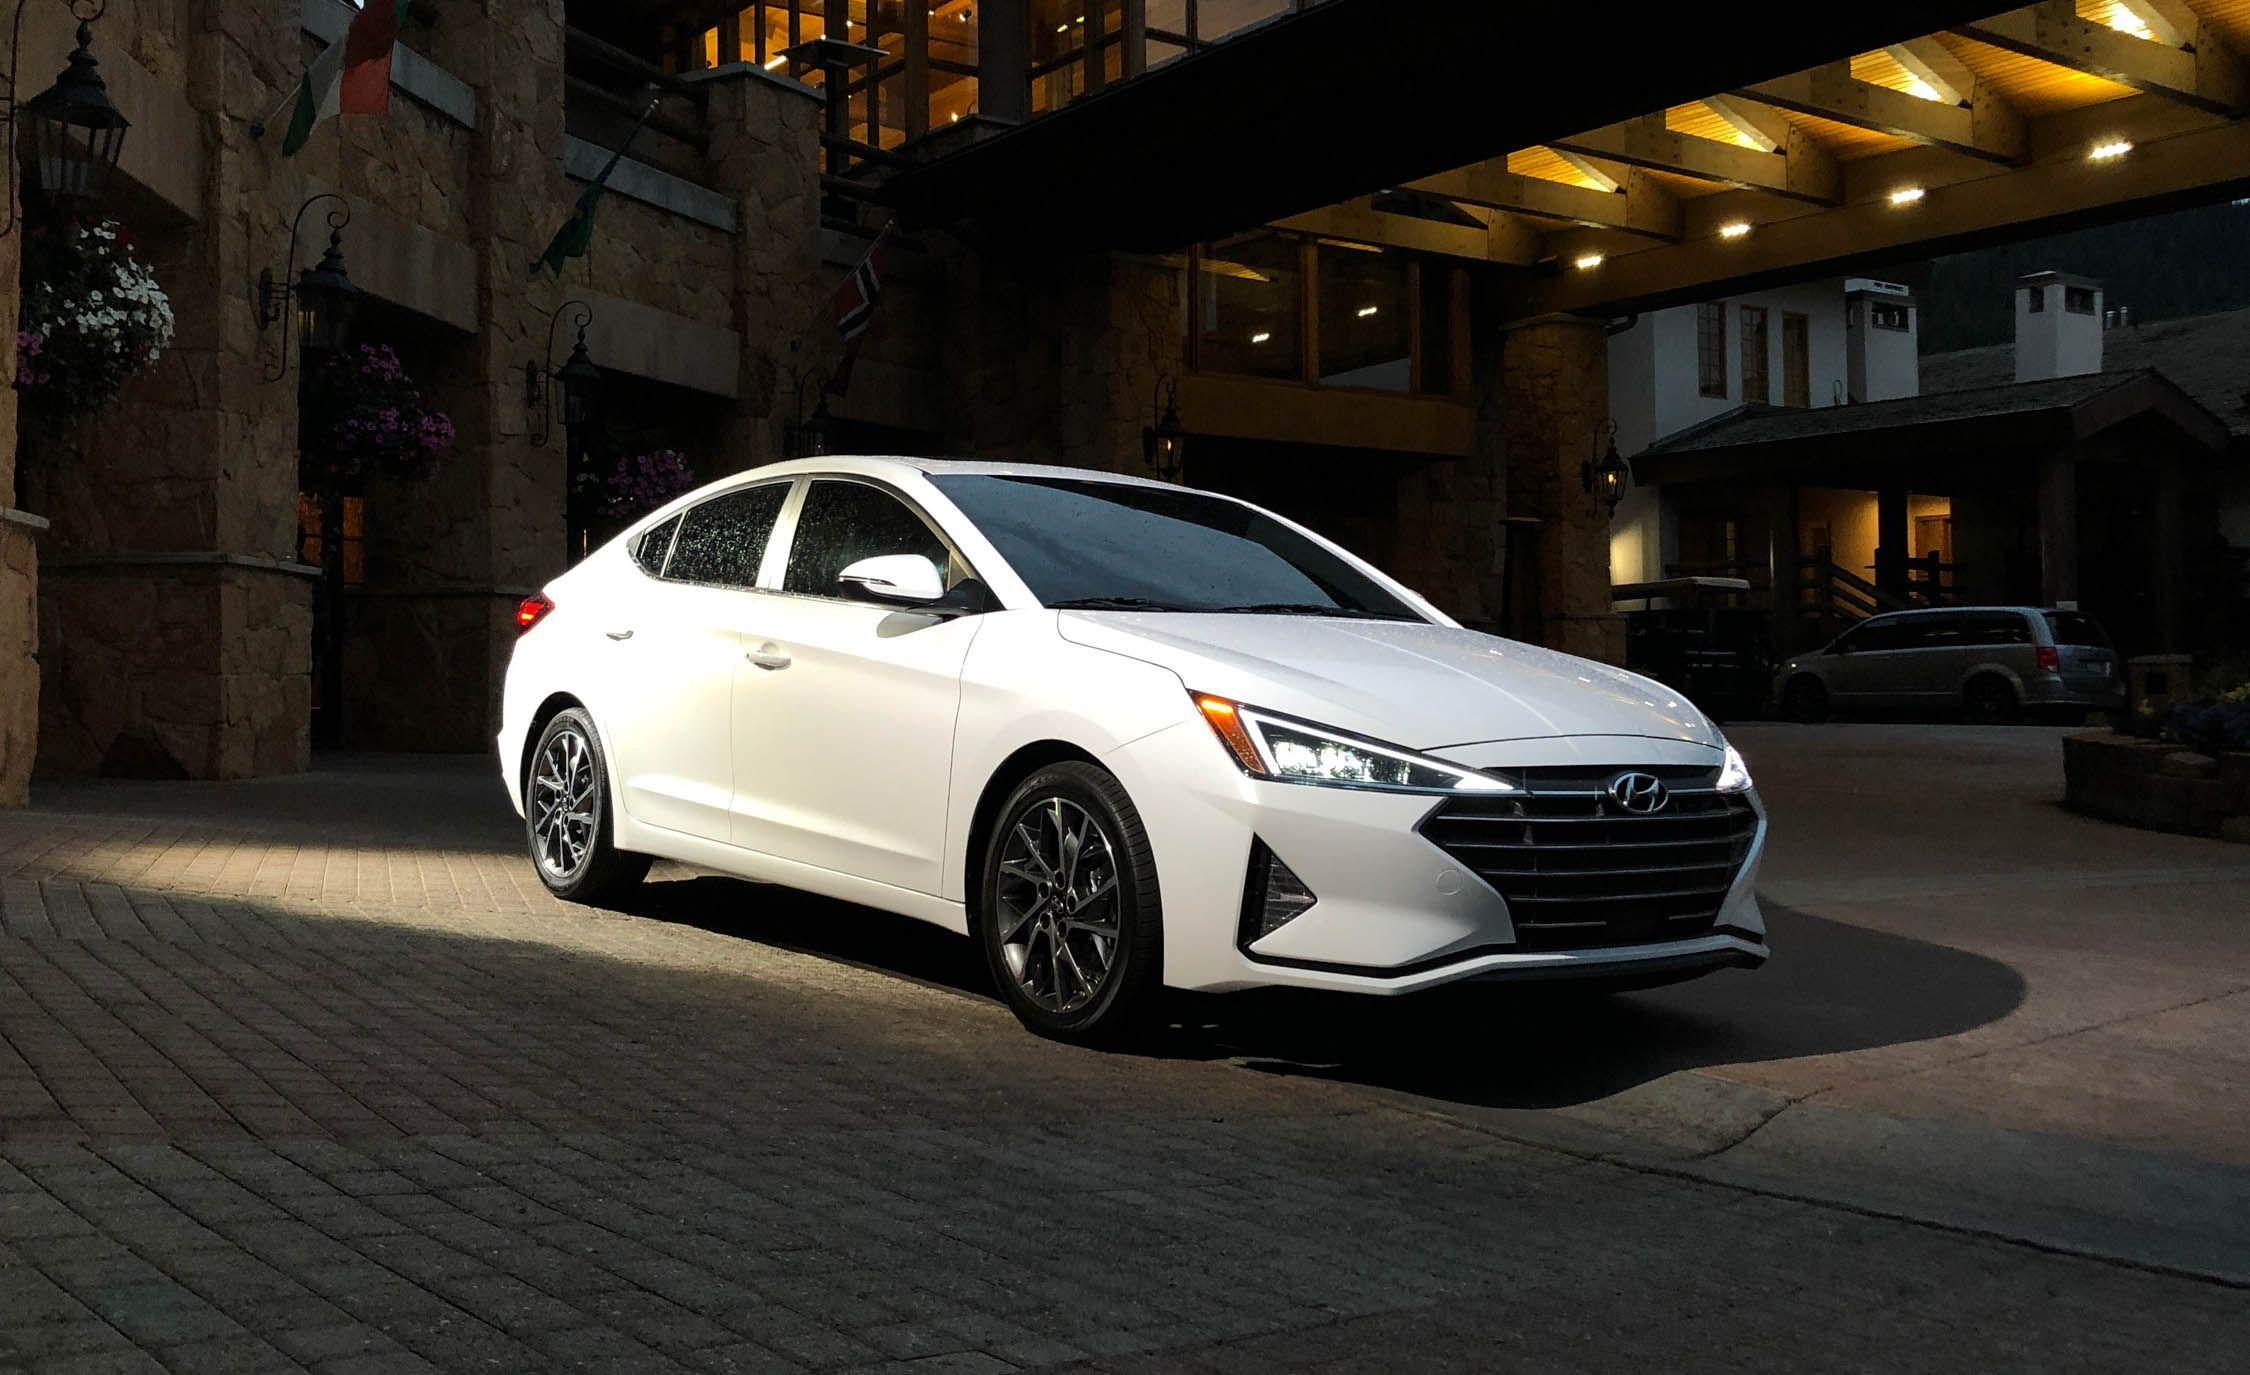 2019 Hyundai Elantra Review Pricing And Specs